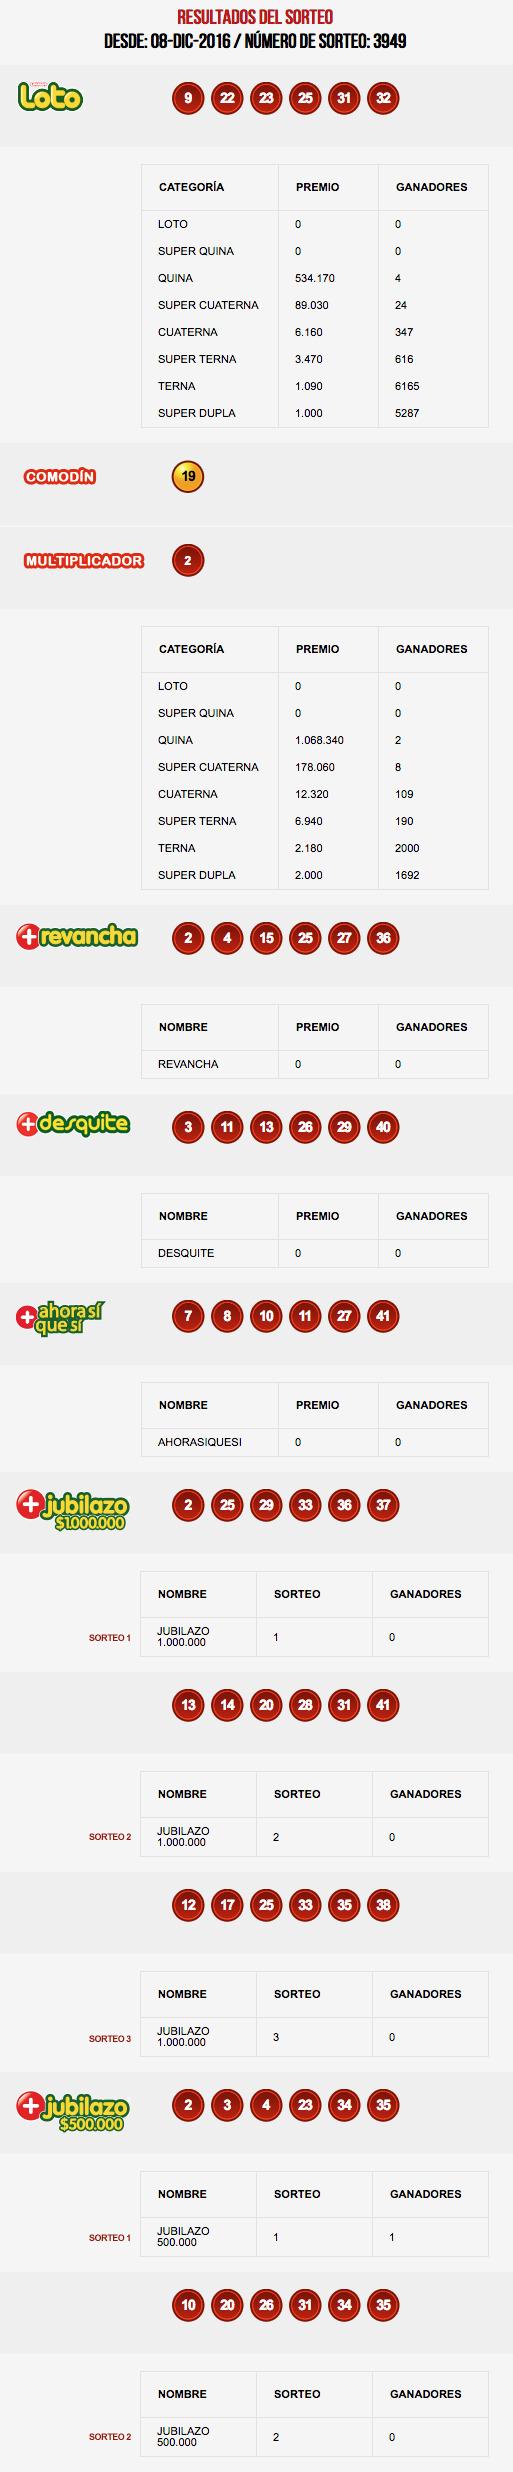 resultados-loto-chile-sorteo-3949-jpeg